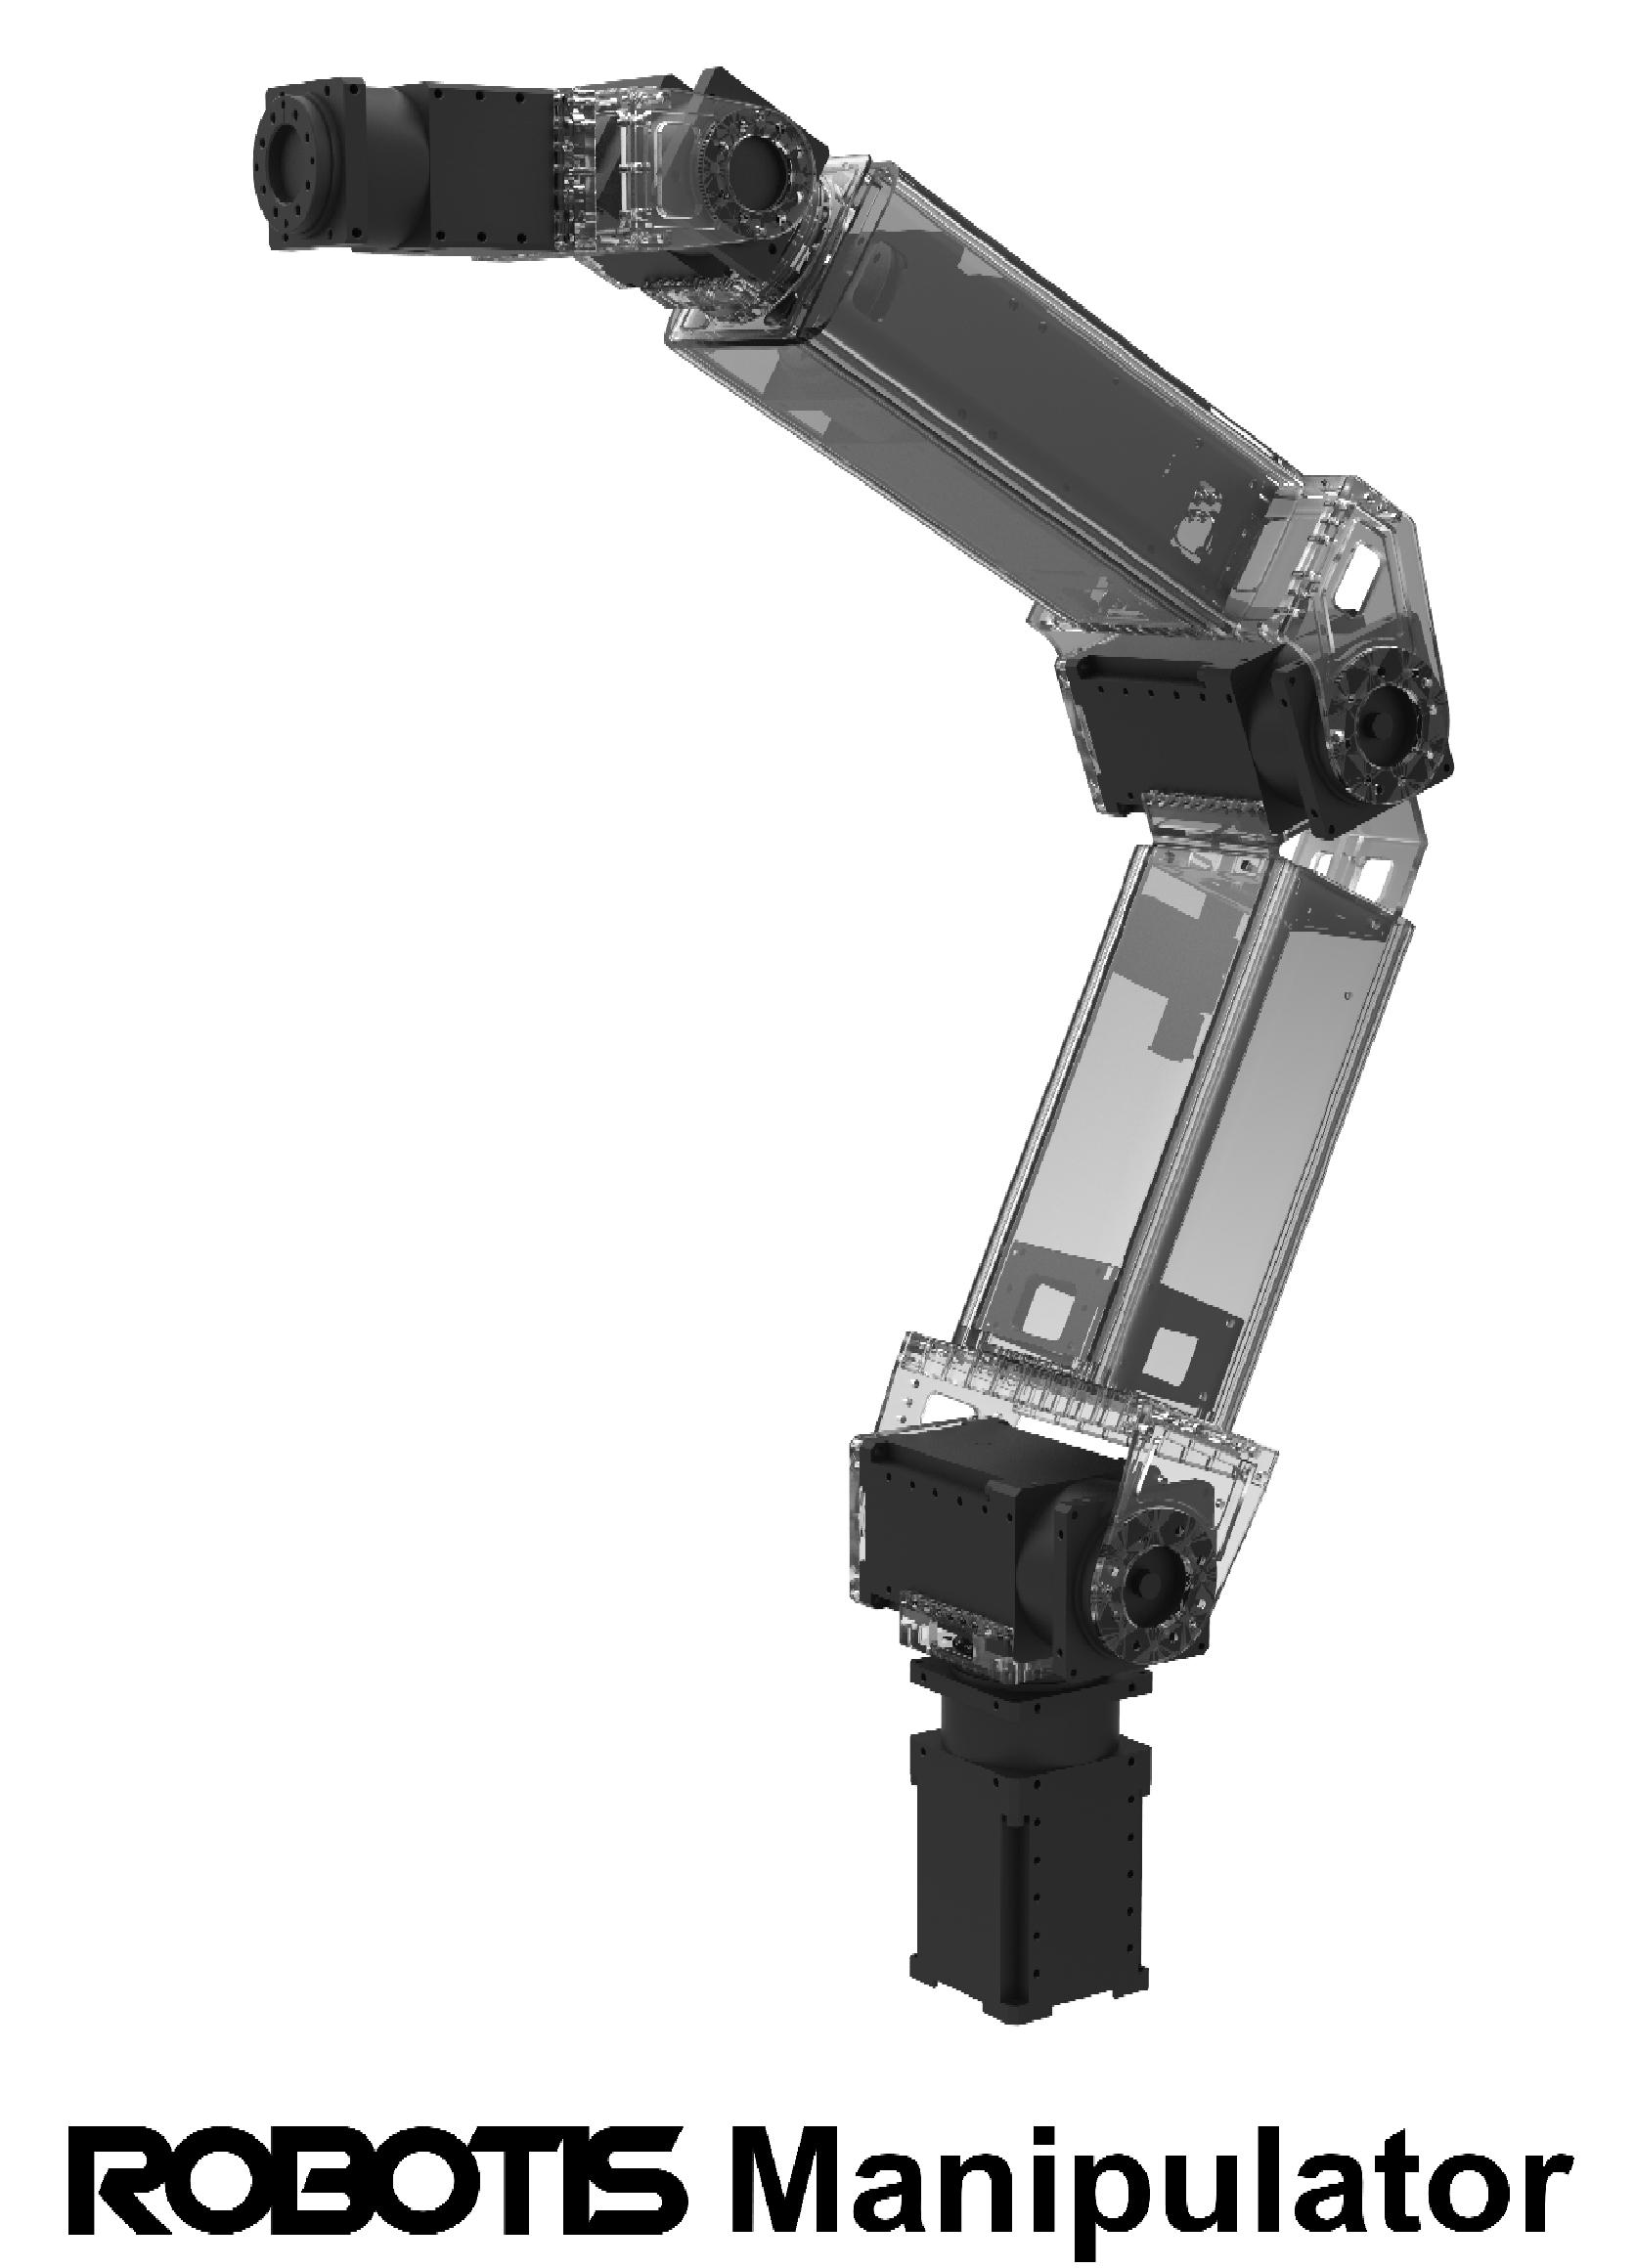 robotis-manipulator-05.png